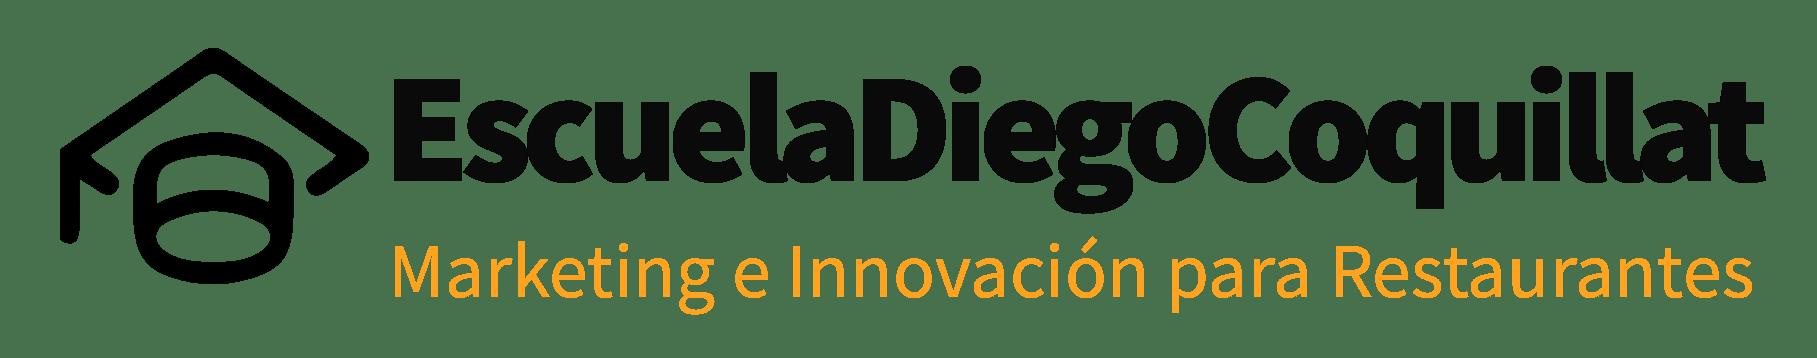 Escuela Hostelería Diego Coquillat - Curso Marketing Digital e Innovación para Restaurantes y Gastronomía